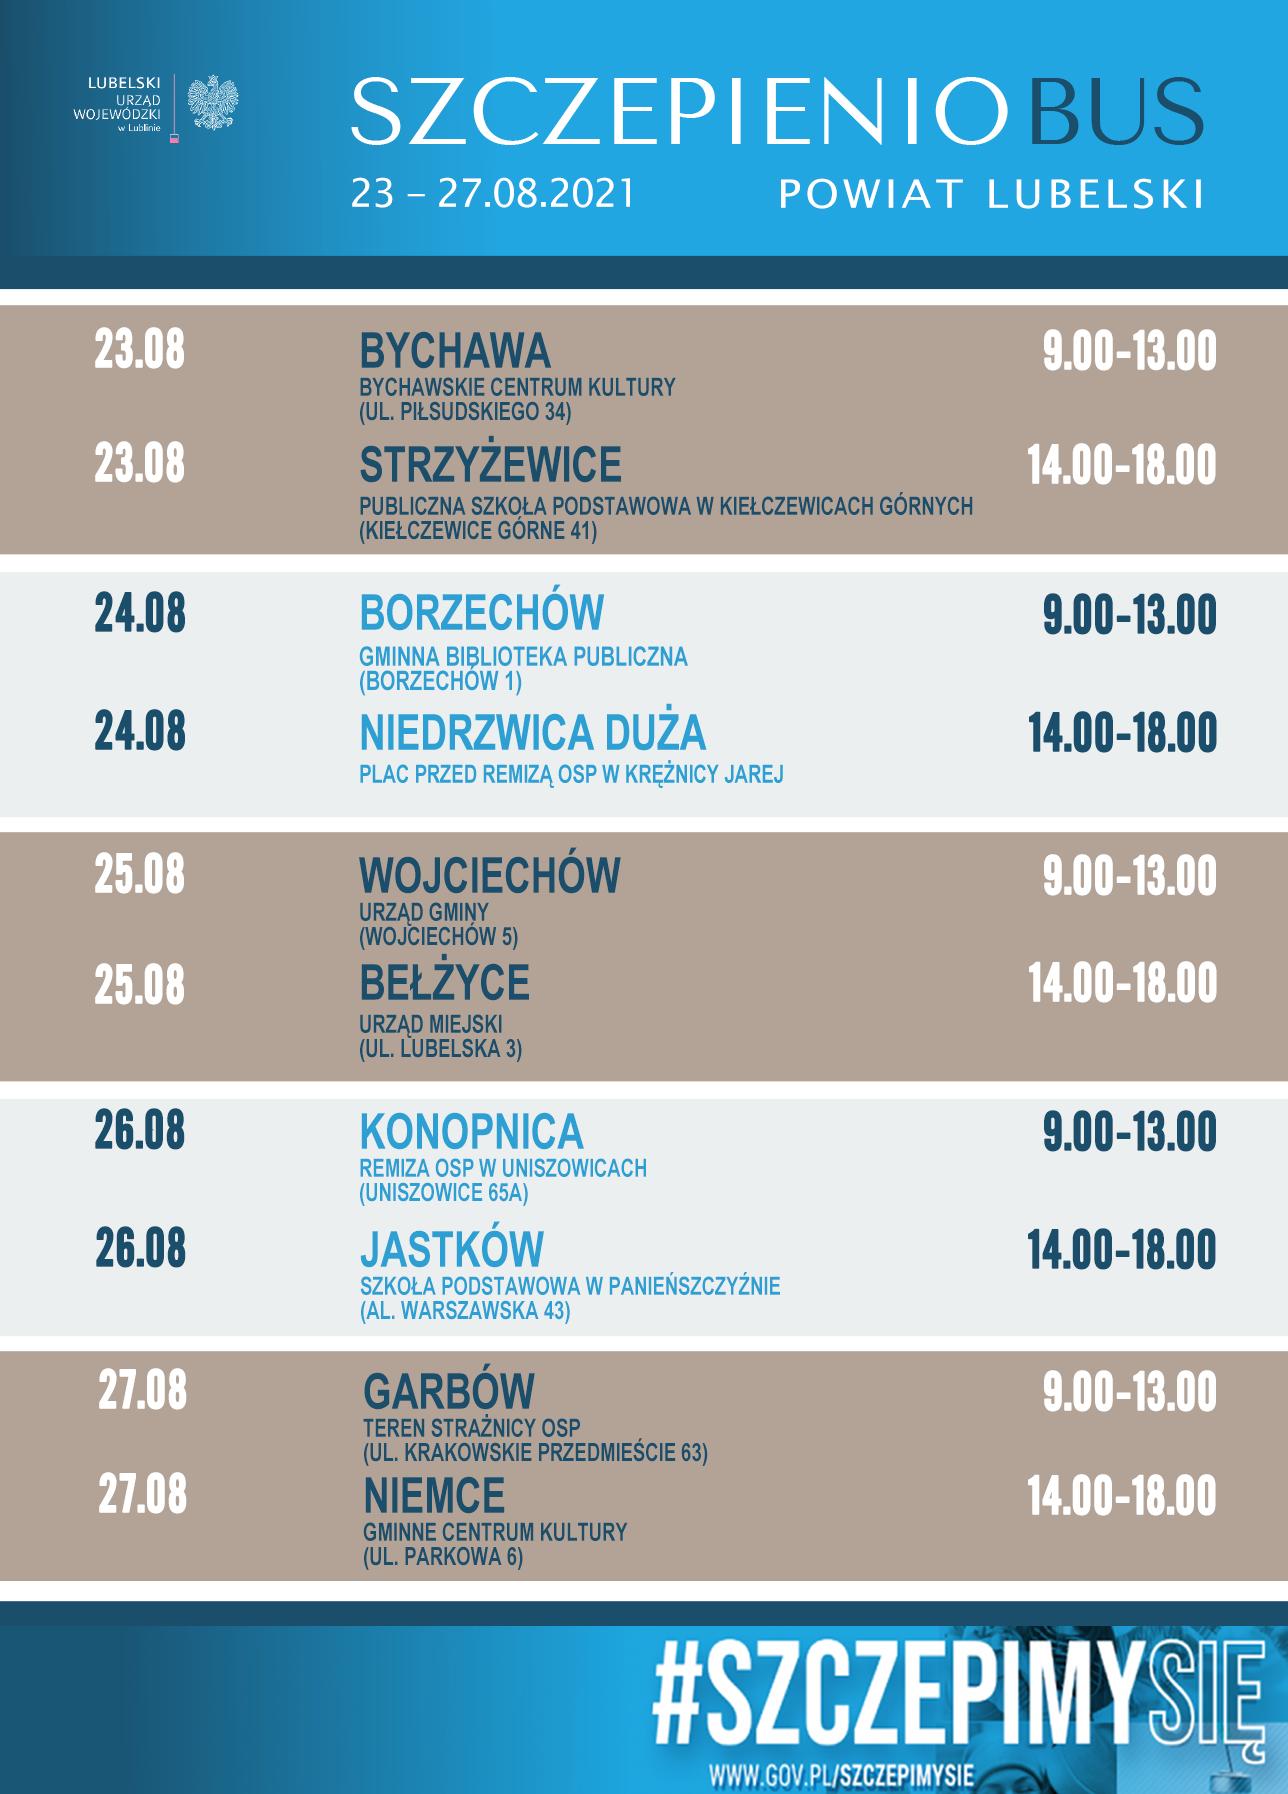 Harmonogram trasy szczepieniobusa w powiecie lubelskim w dniach 23-29.08.2021r.